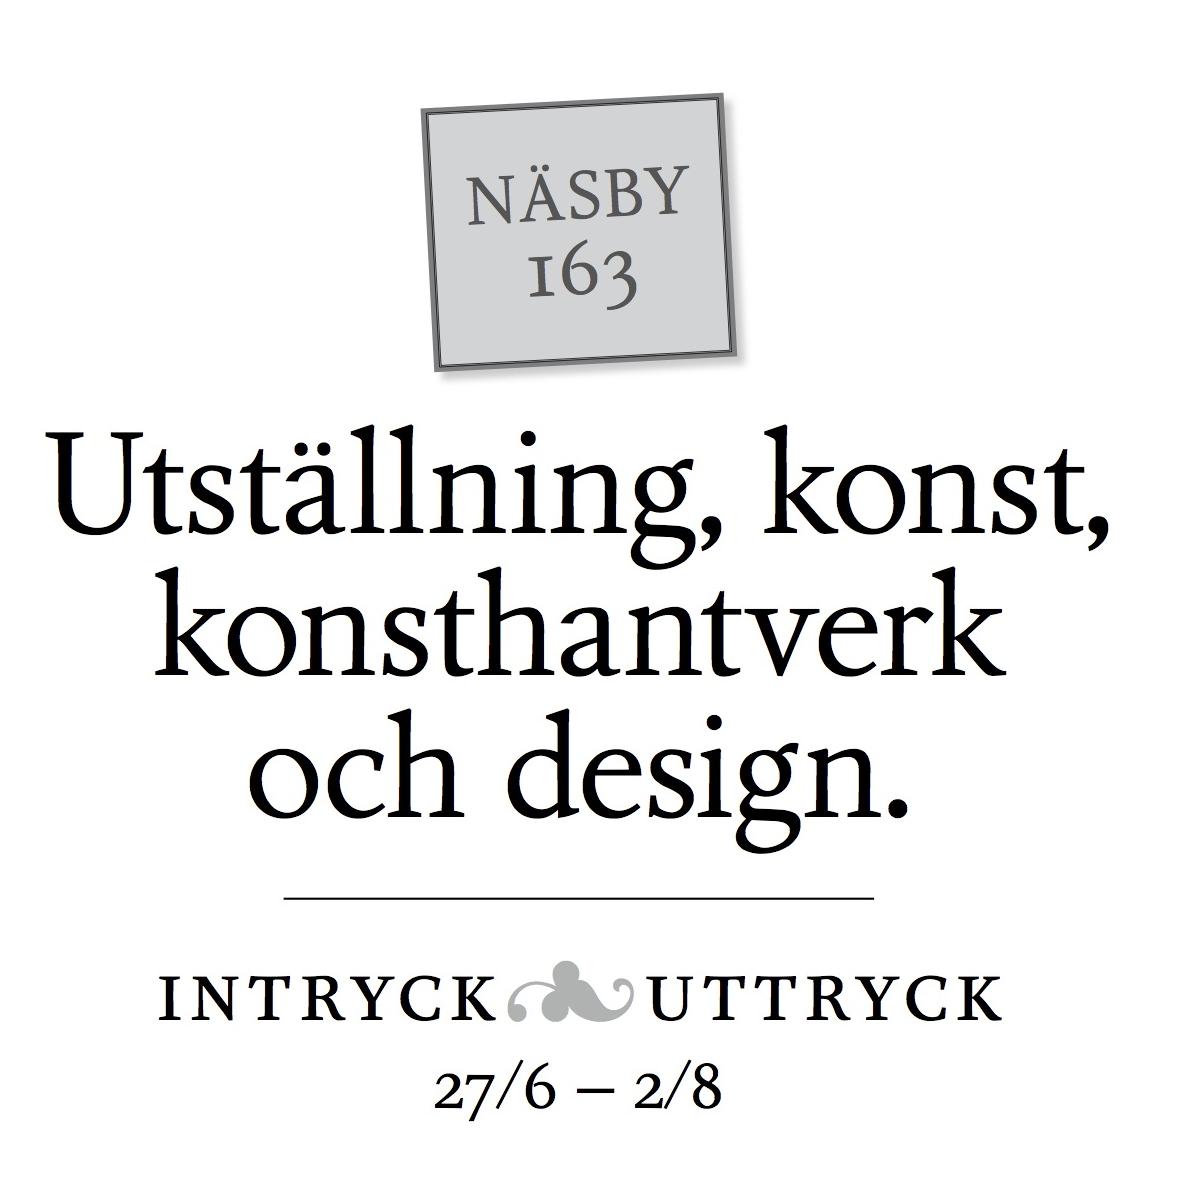 intryck,uttryck, affisch_A3_1, ok.jpg